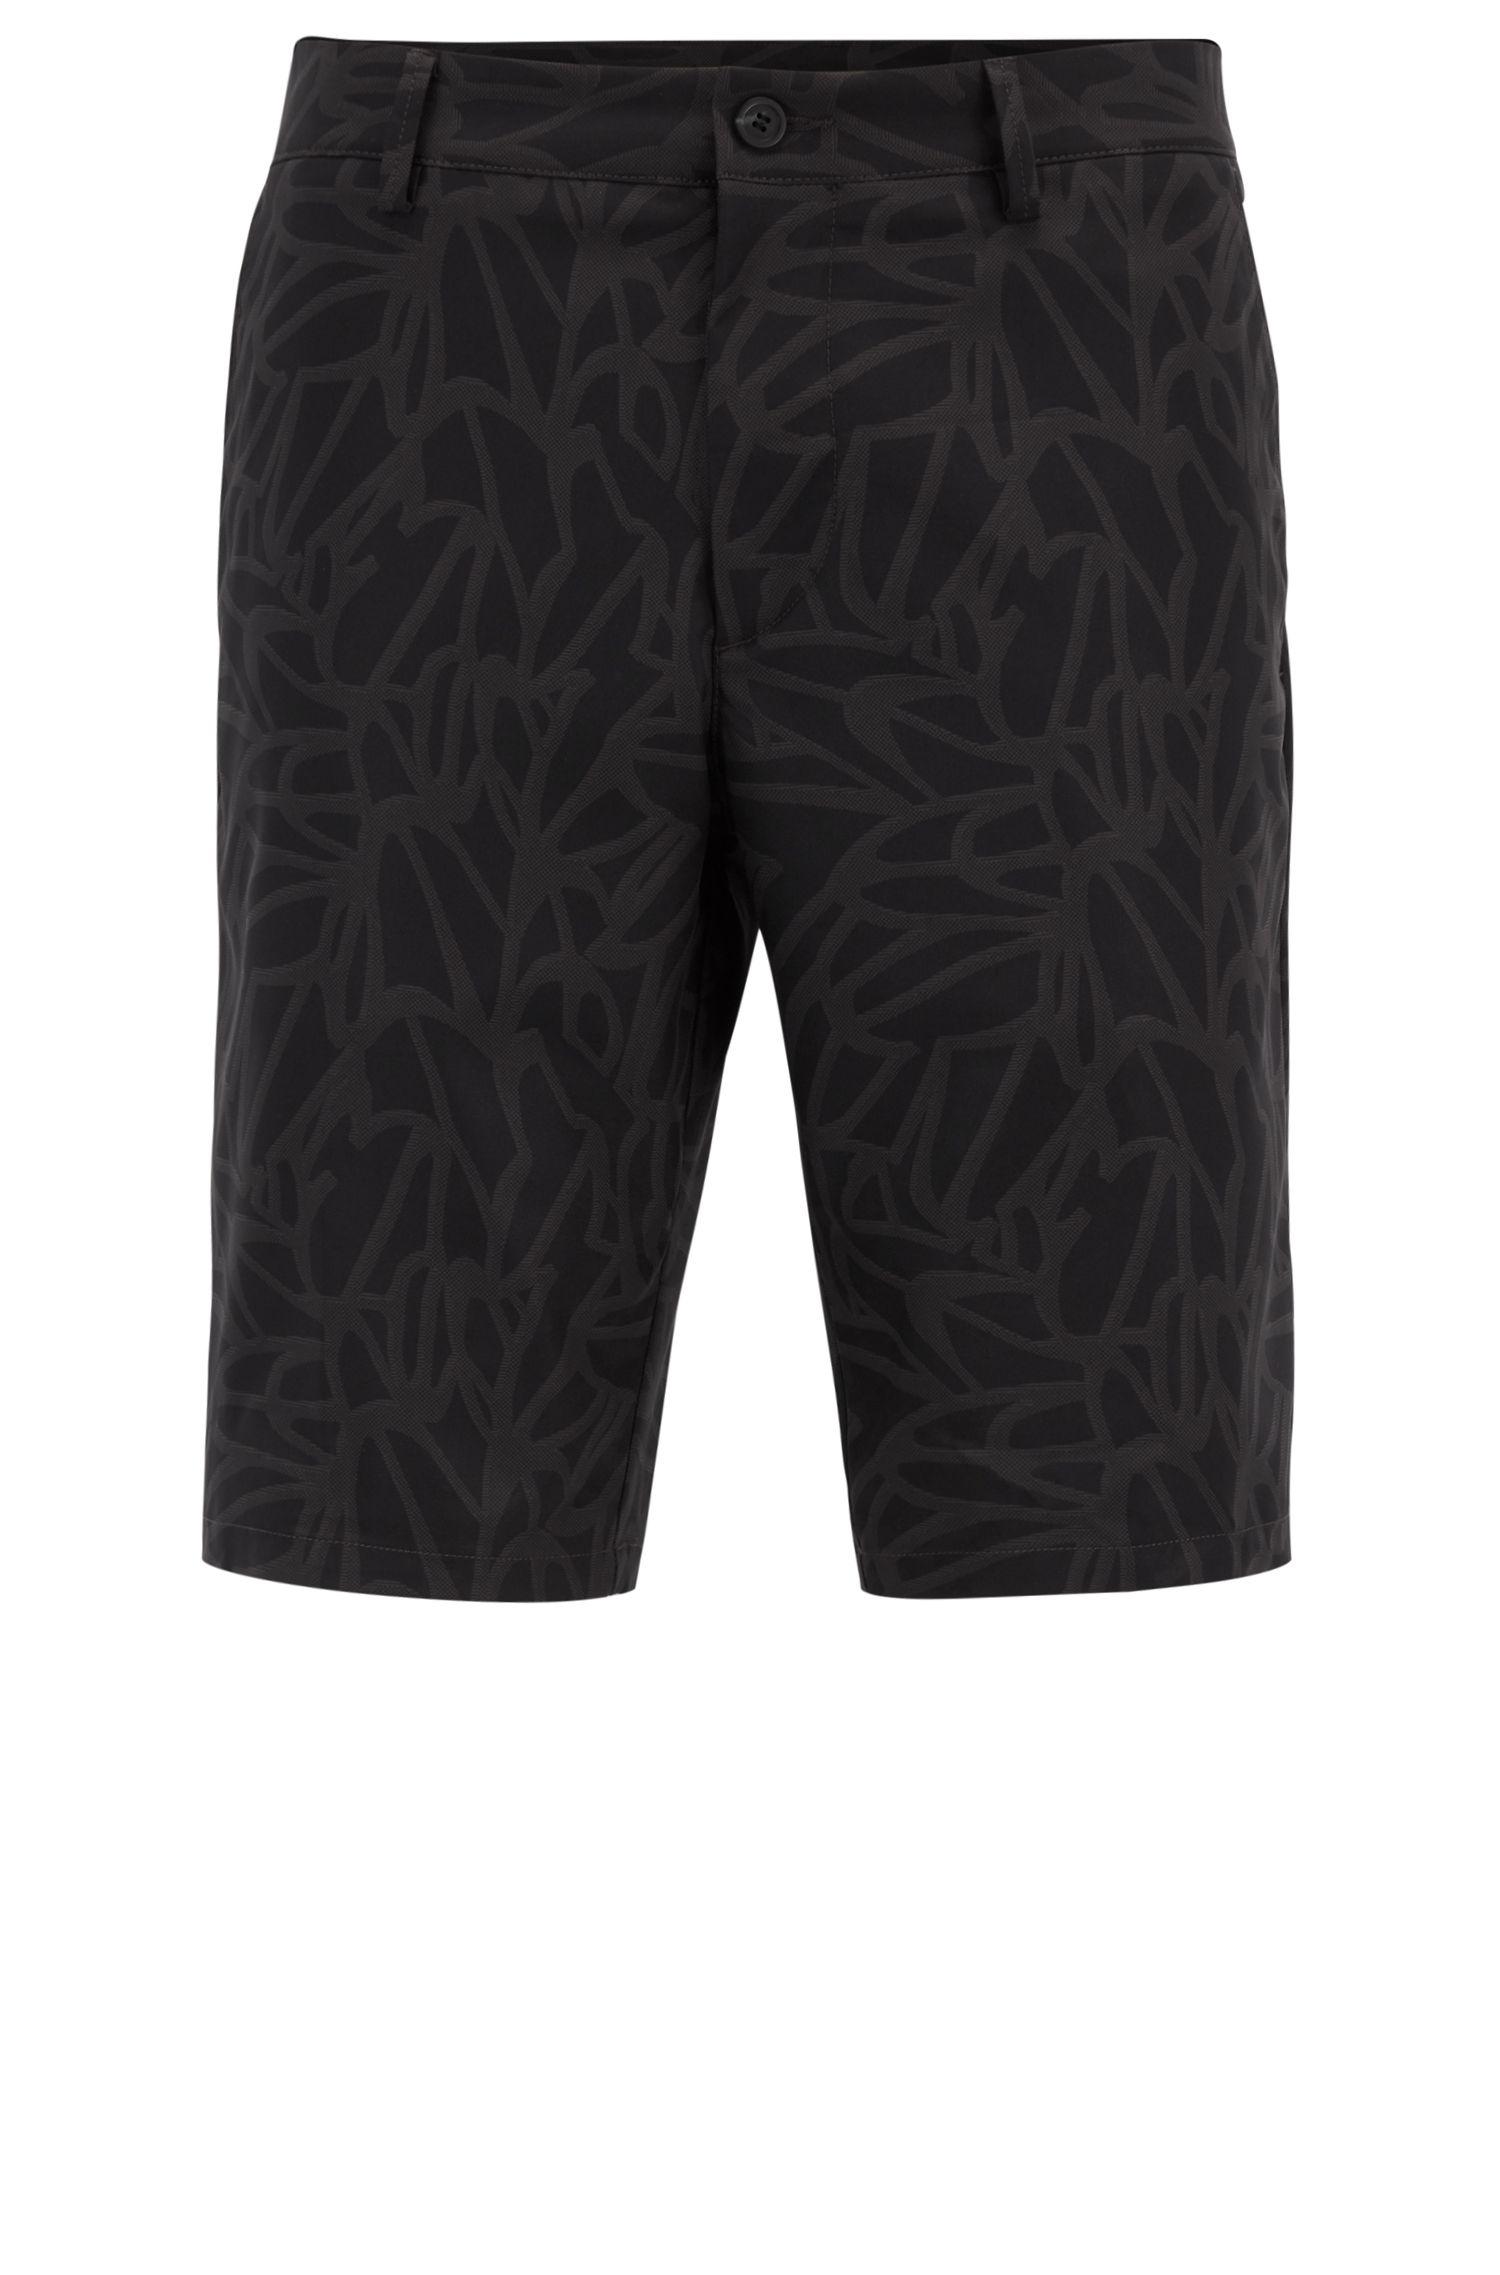 Bedruckte Slim-Fit Shorts aus wasserabweisendem Twill